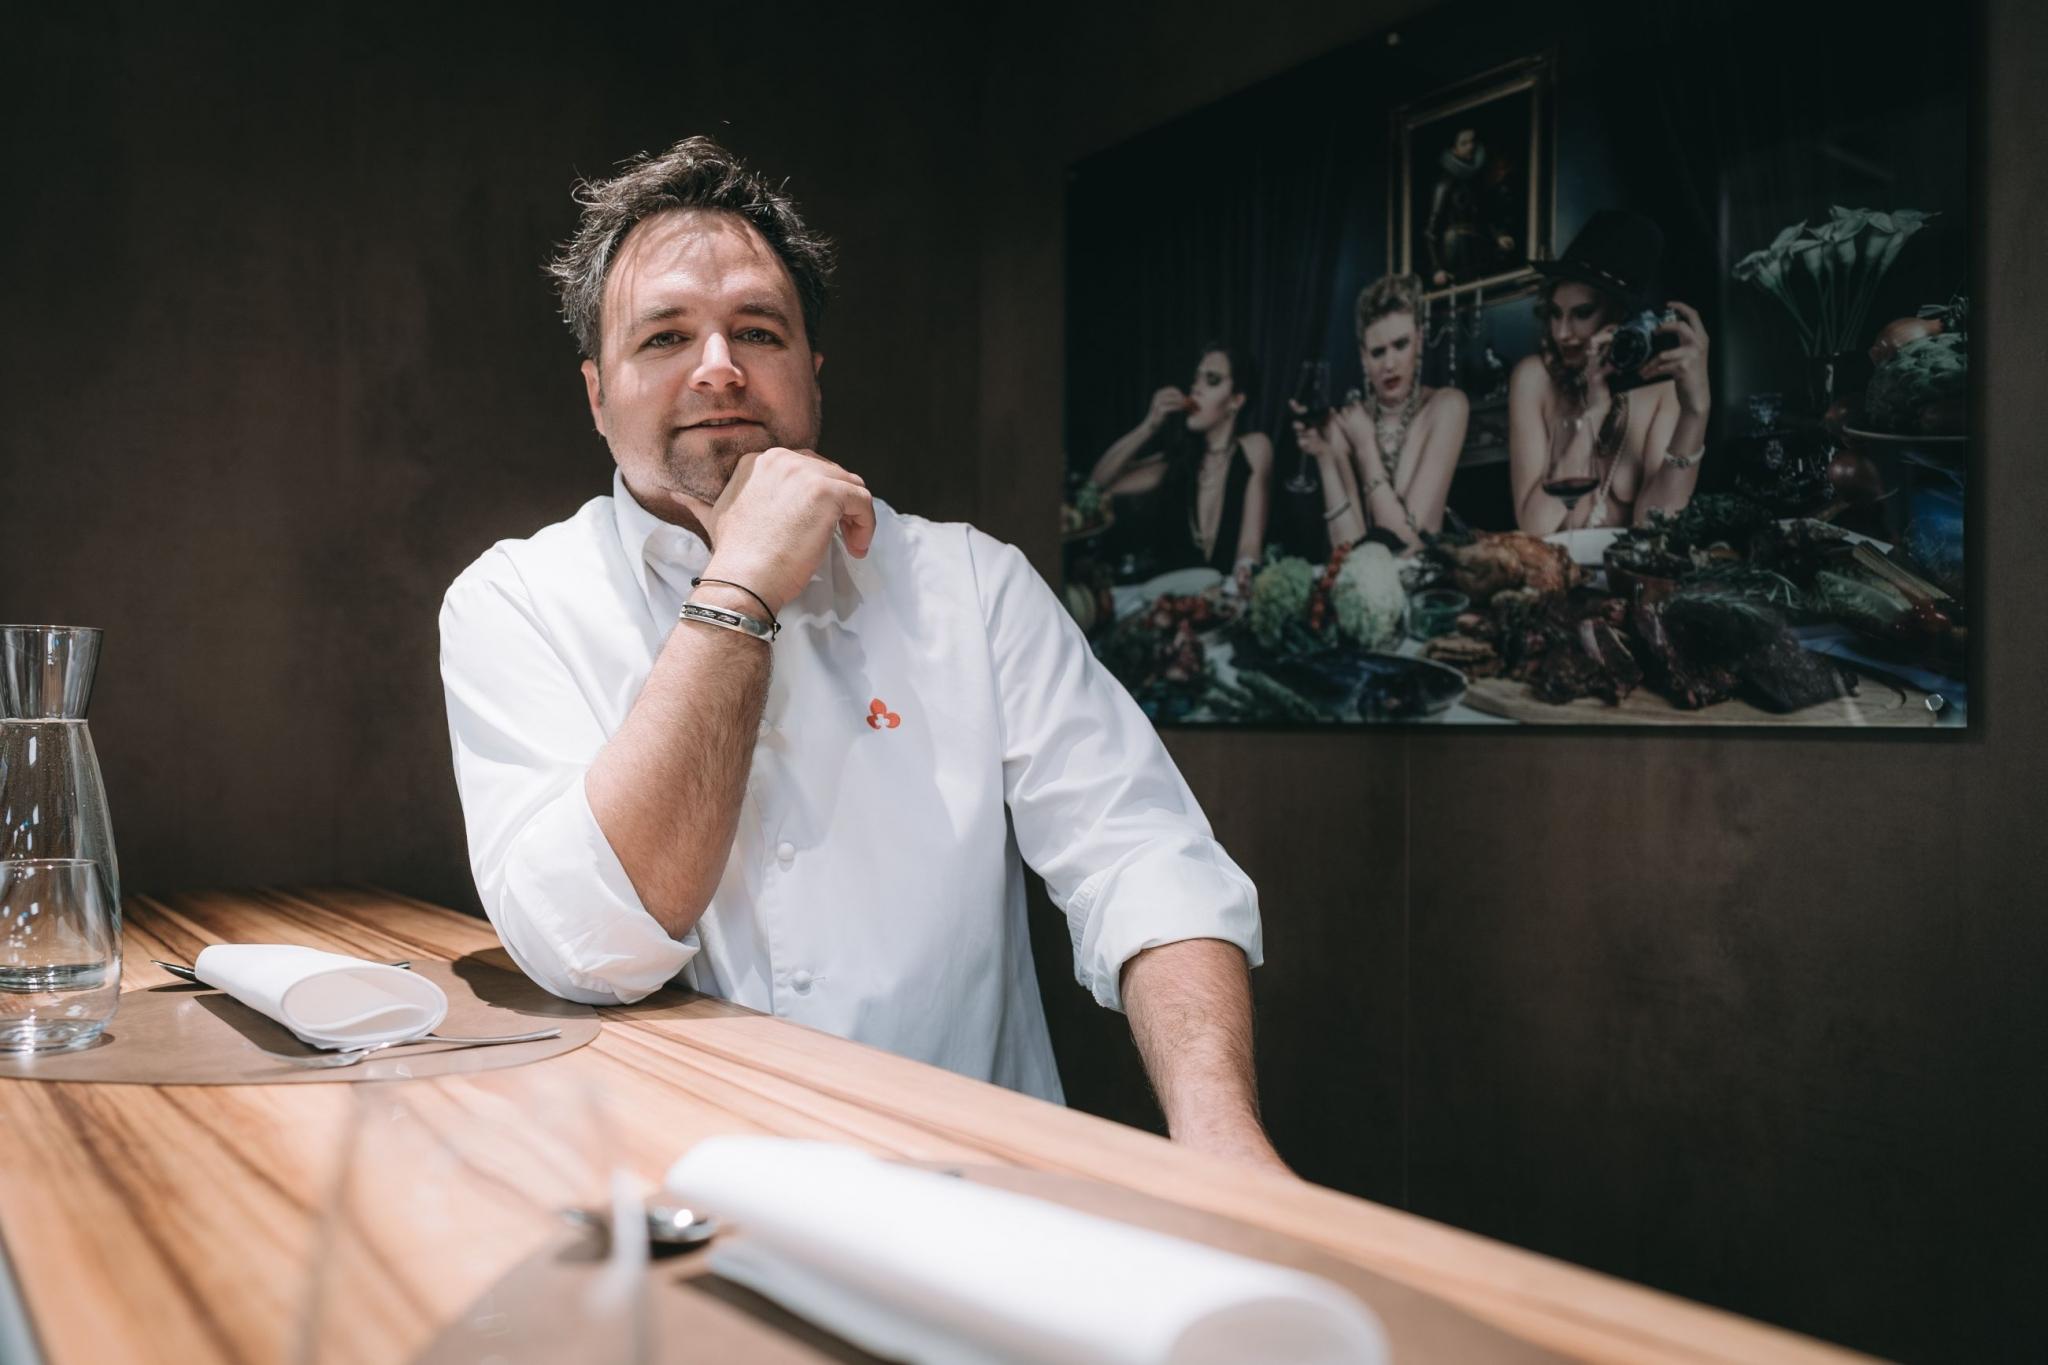 Der neue Küchenchef Gernot Bischofberger